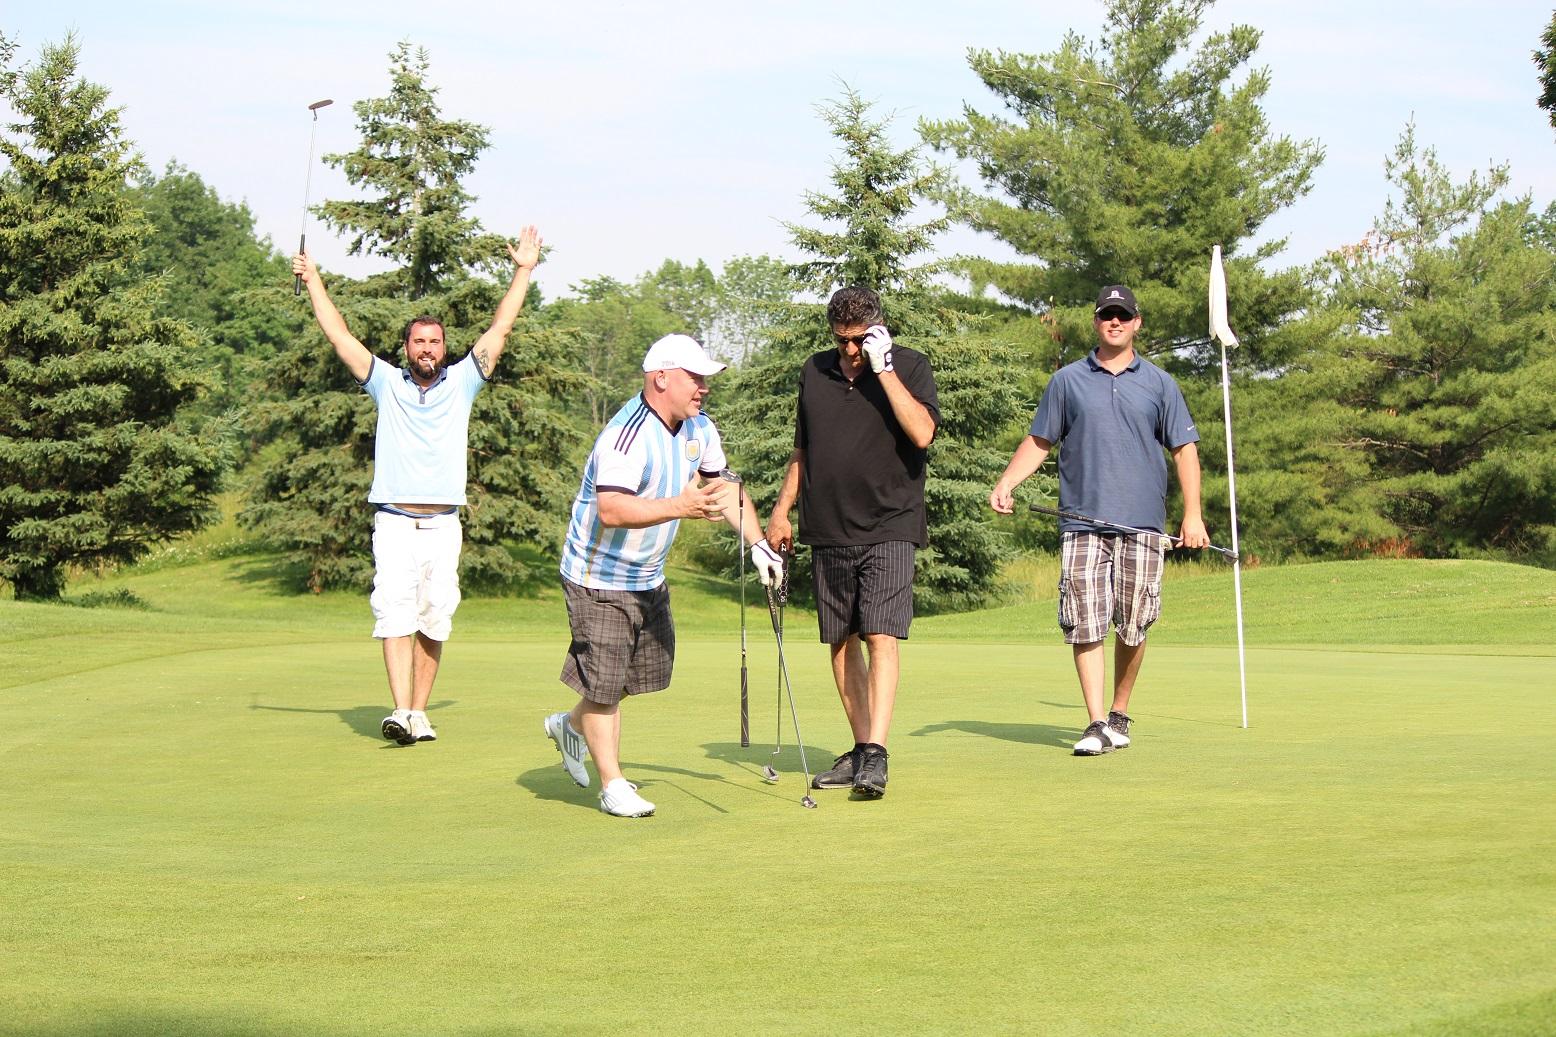 EddieO's Golf Eddie crew 7.jpg